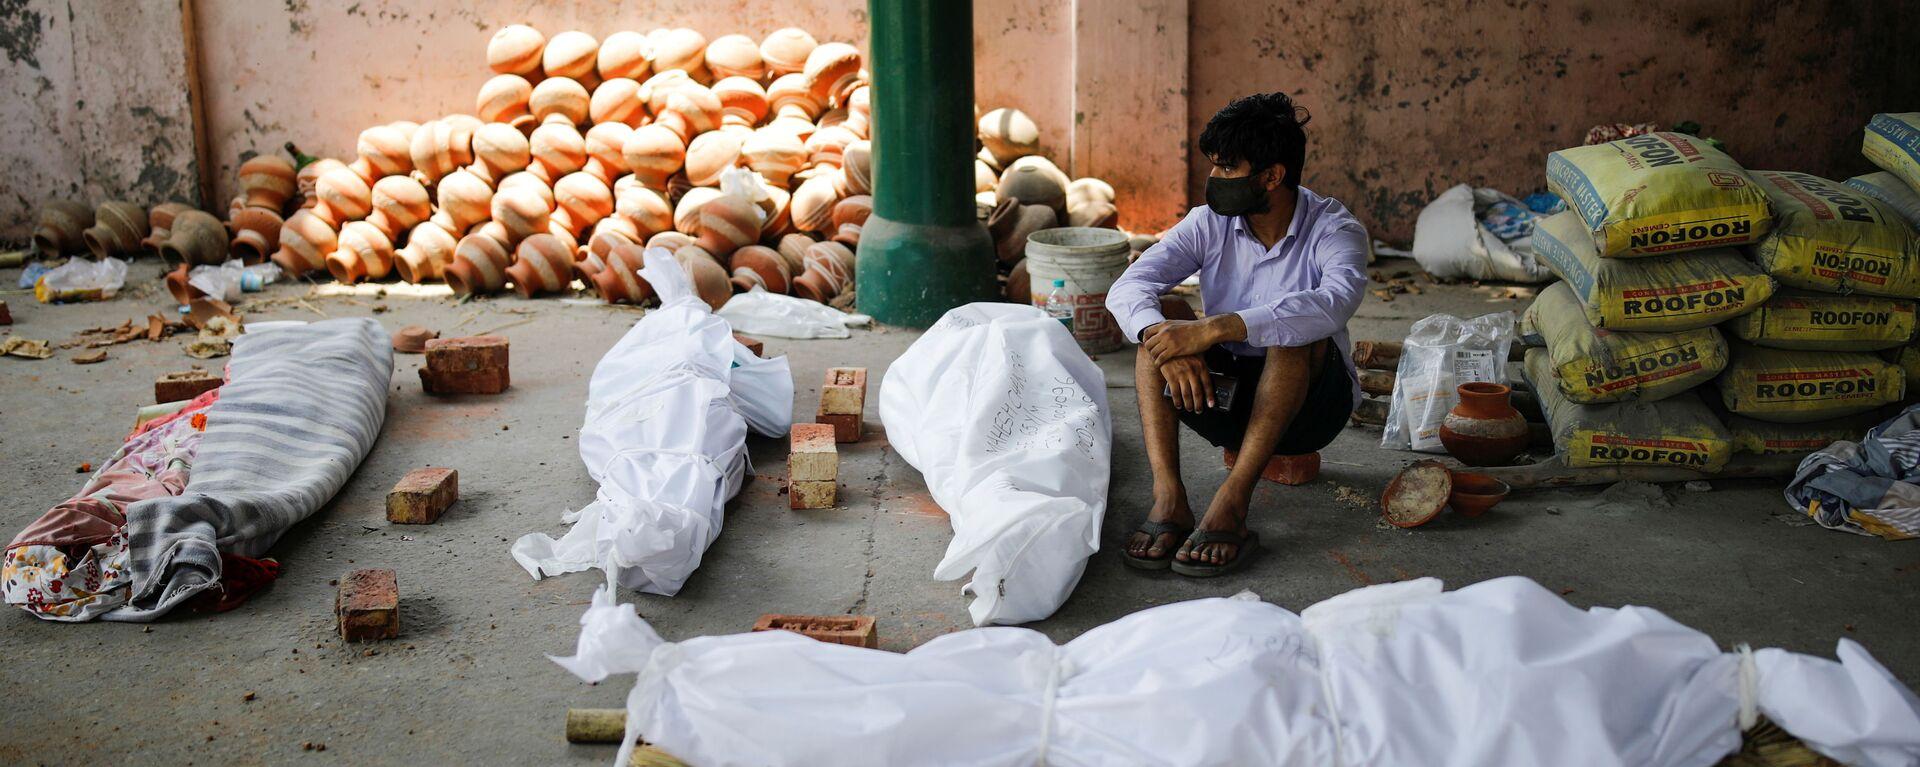 Мужчина сидит рядом с телами умерших от коронавируса перед массовой кремацией в крематории Нью-Дели, Индия - Sputnik Italia, 1920, 29.04.2021